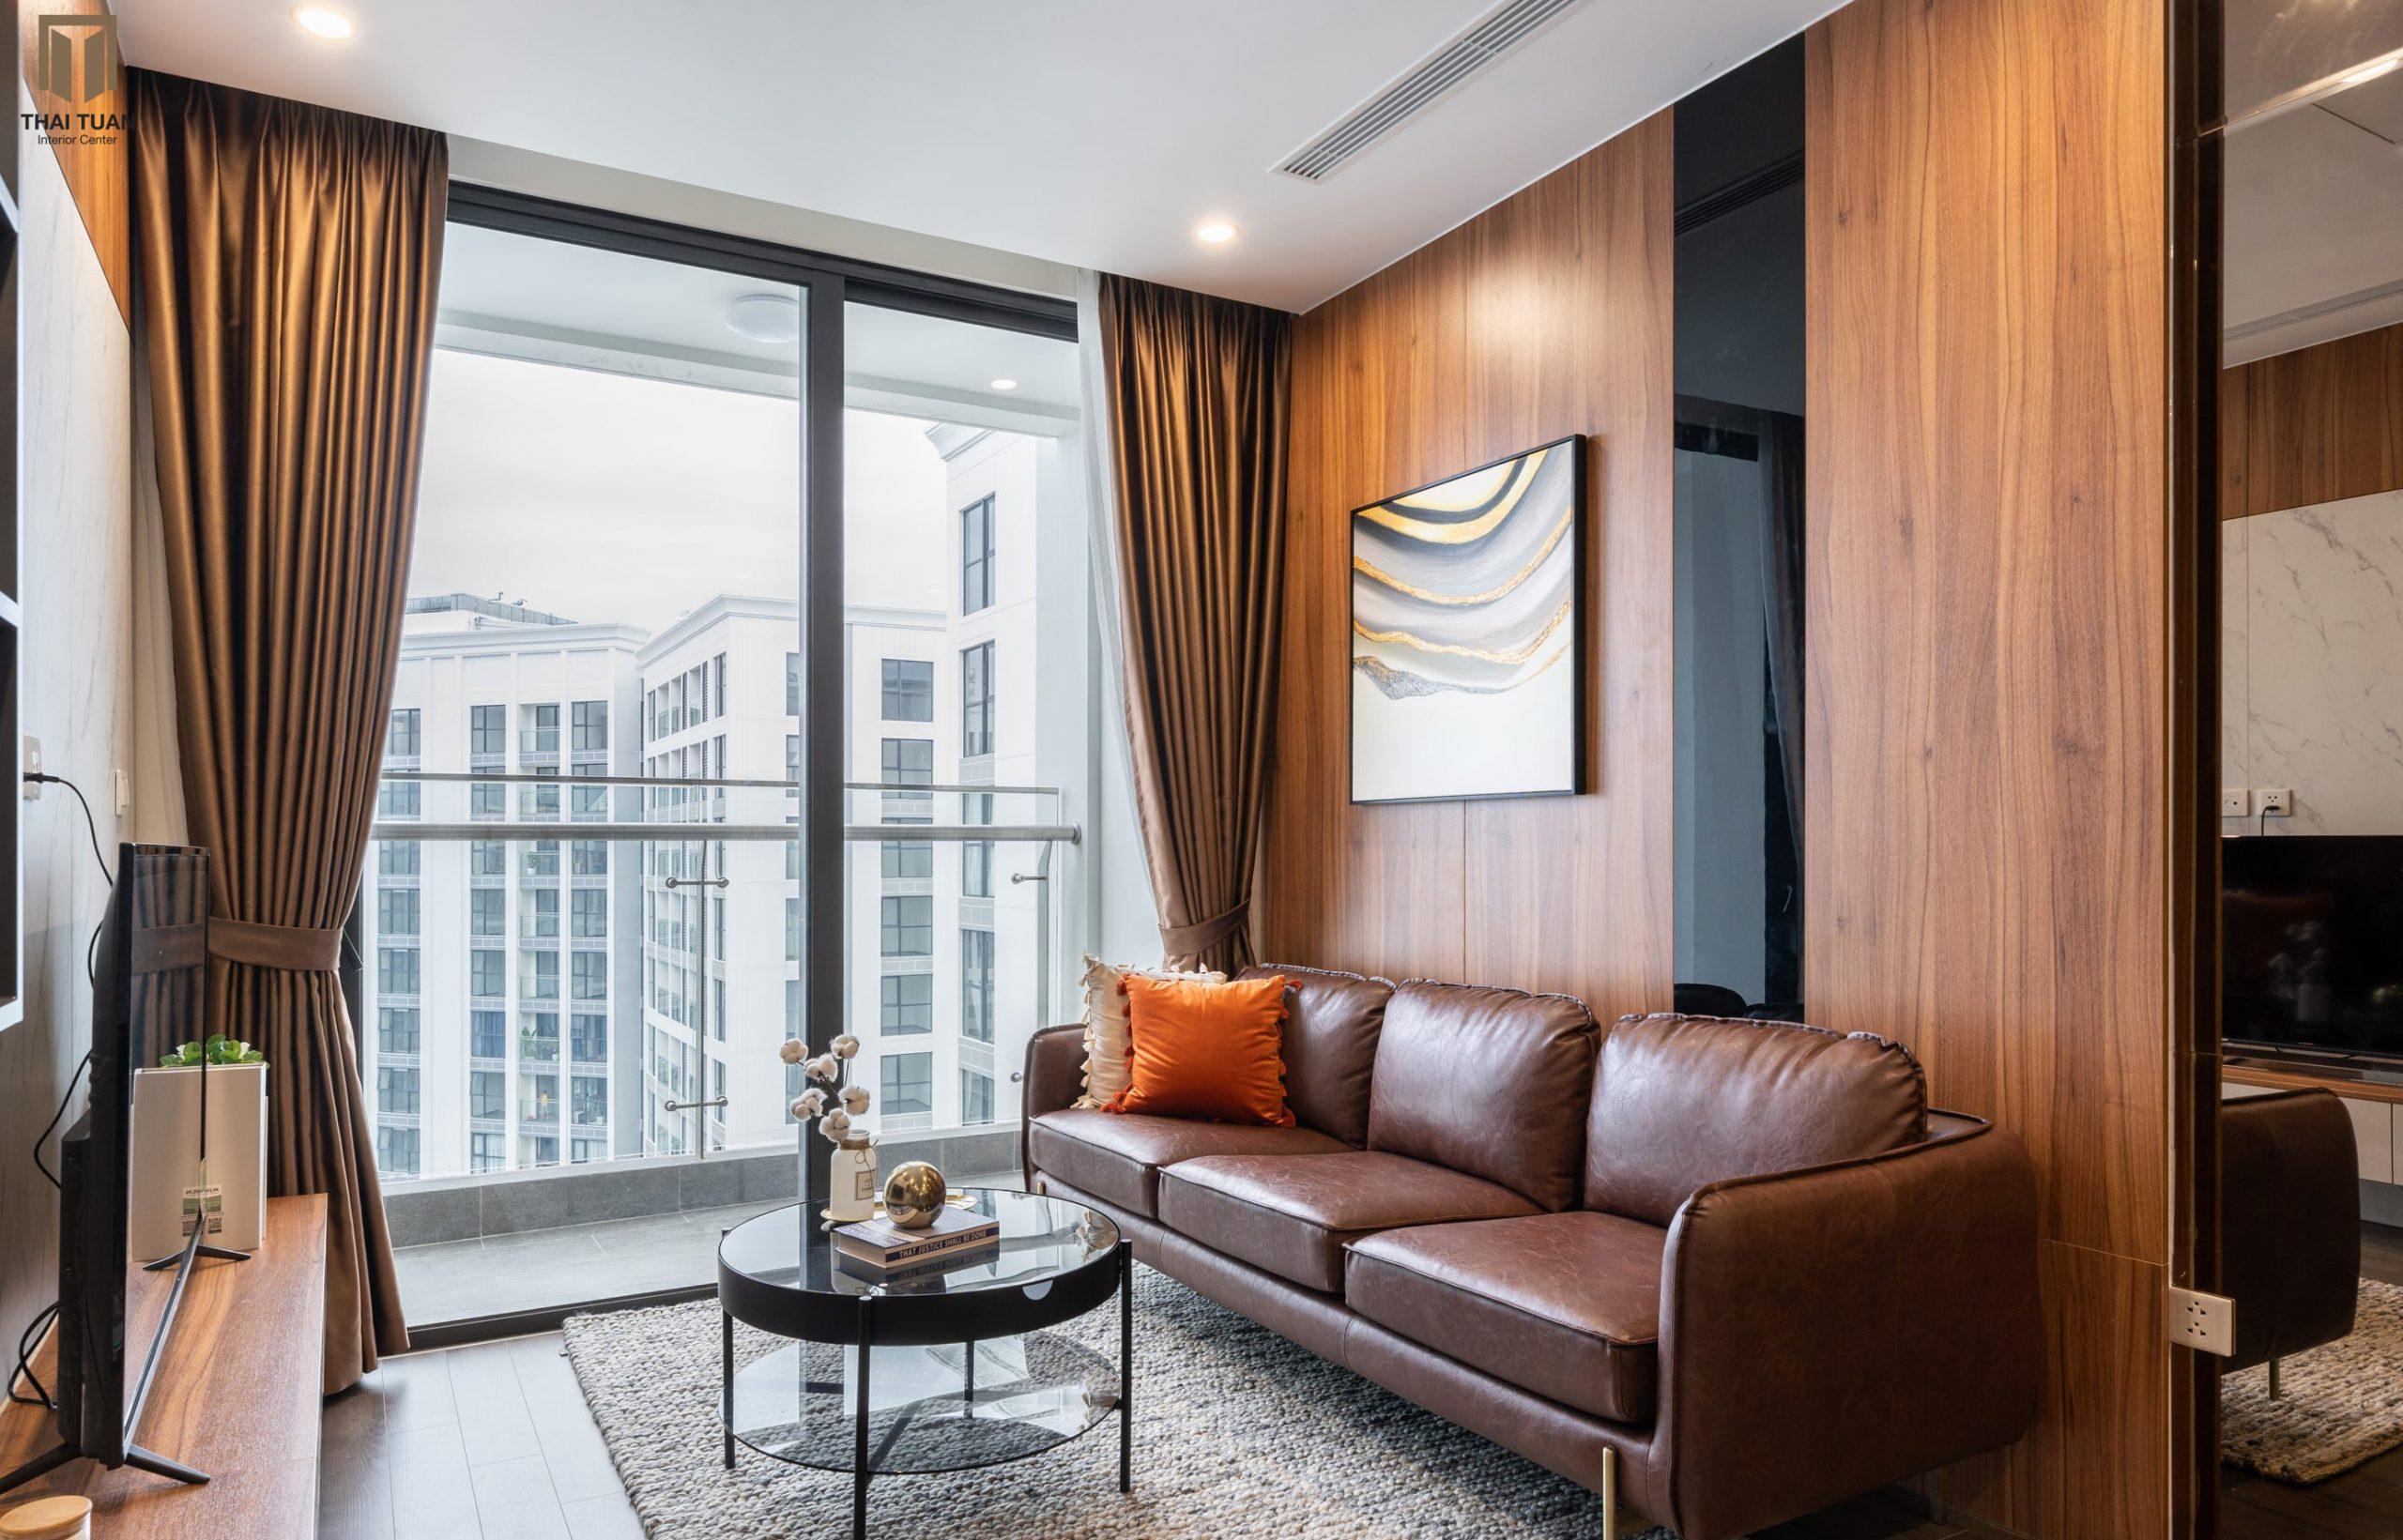 Chiếc sofa da sang trọng đến từ thương hiệu AConcept làm điểm nhấn cho căn hộ